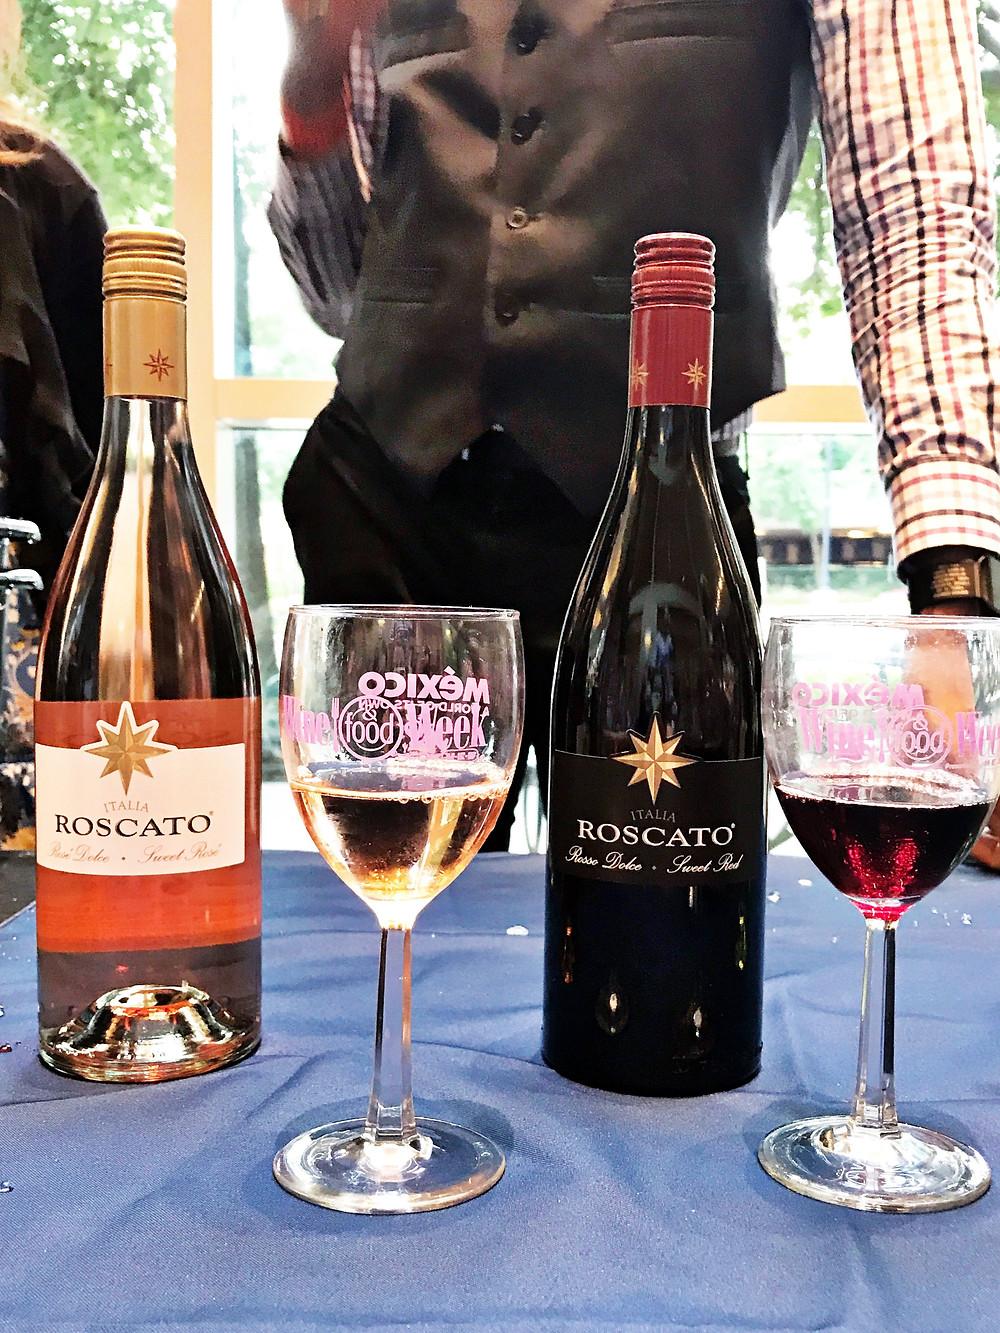 Roscato Brand Wines